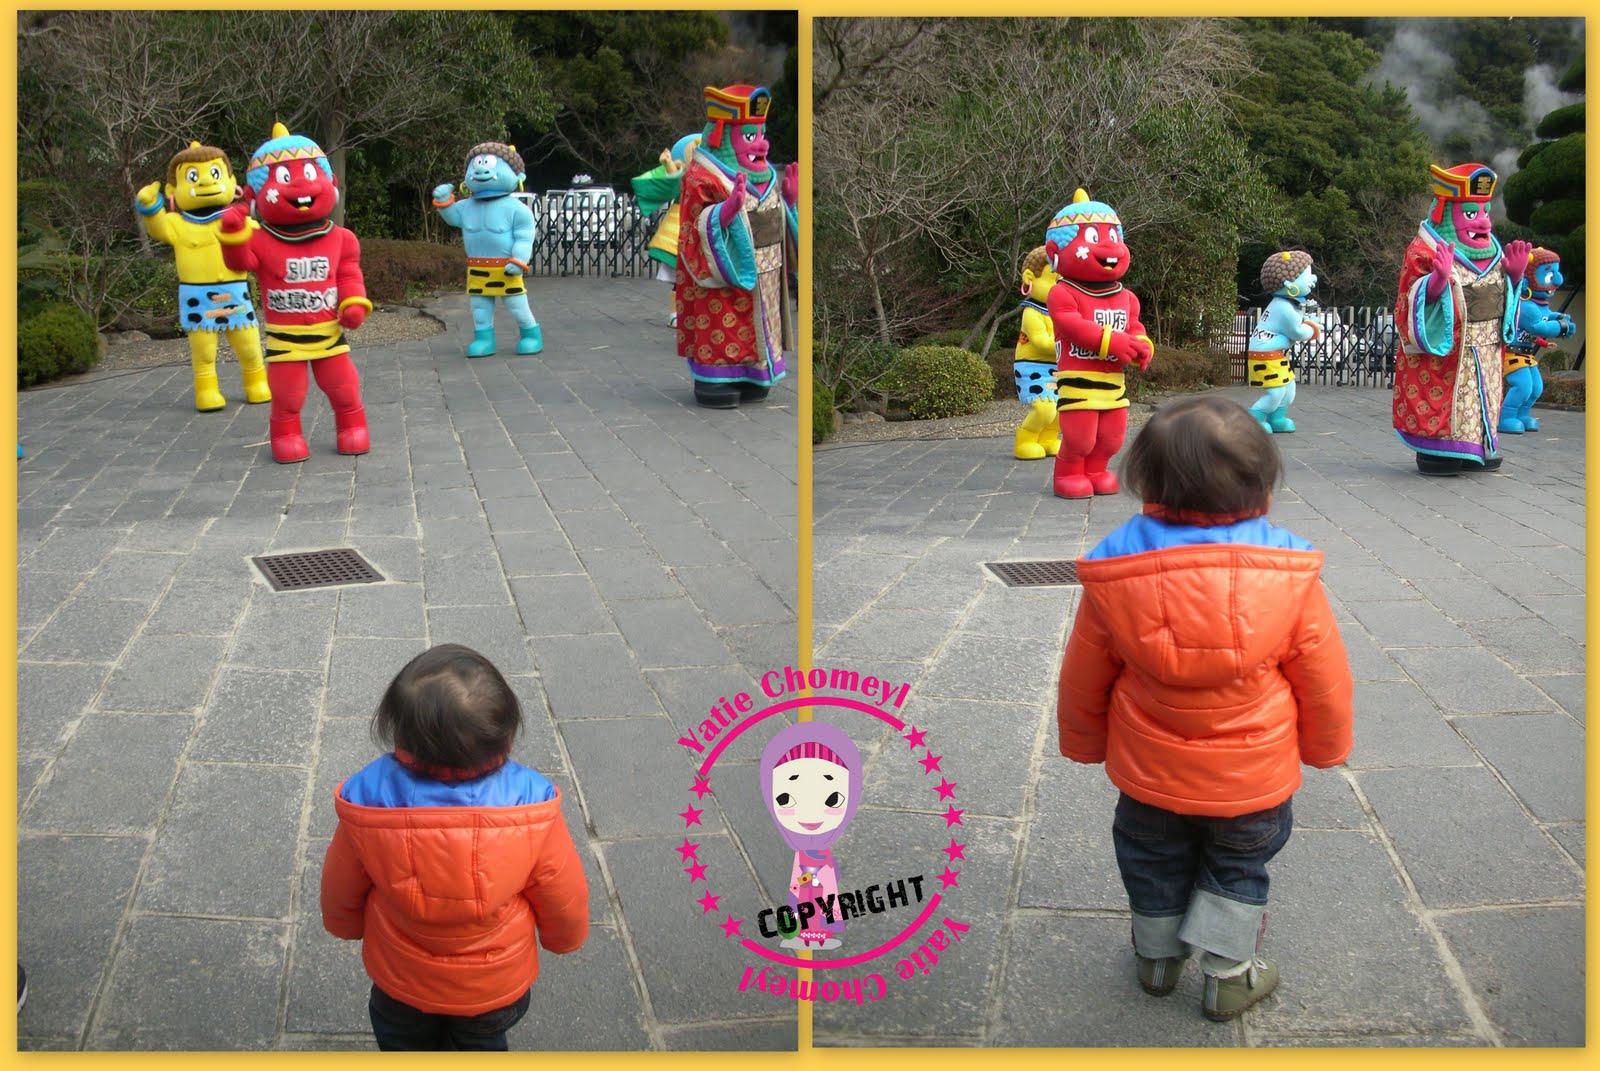 http://3.bp.blogspot.com/_c3es7FyunLI/TTko55OoldI/AAAAAAAAKBY/ZS0Nt_ZudSo/s1600/edited%2Bpics3.jpg